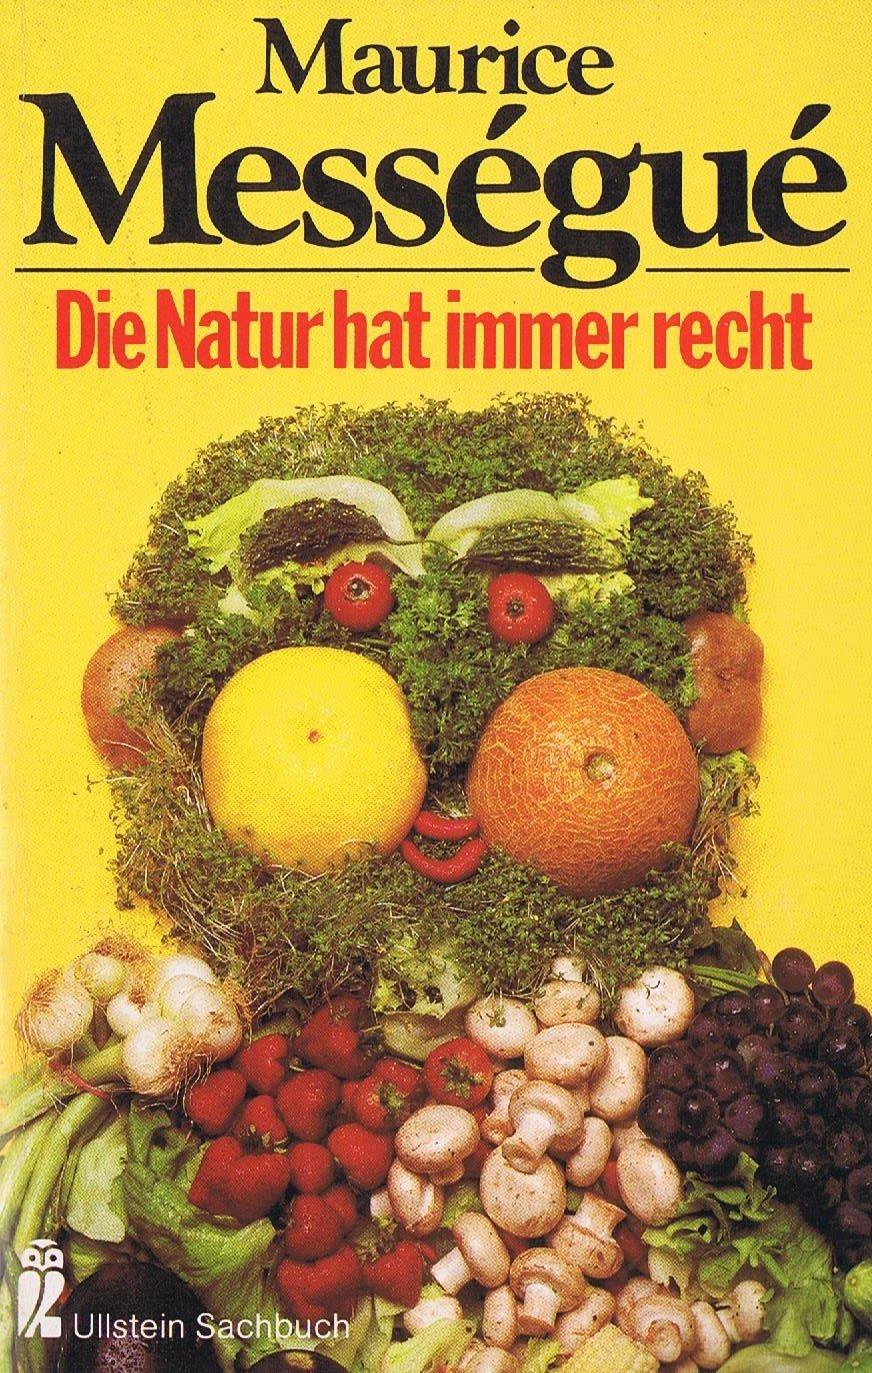 Die Natur hat immer recht.